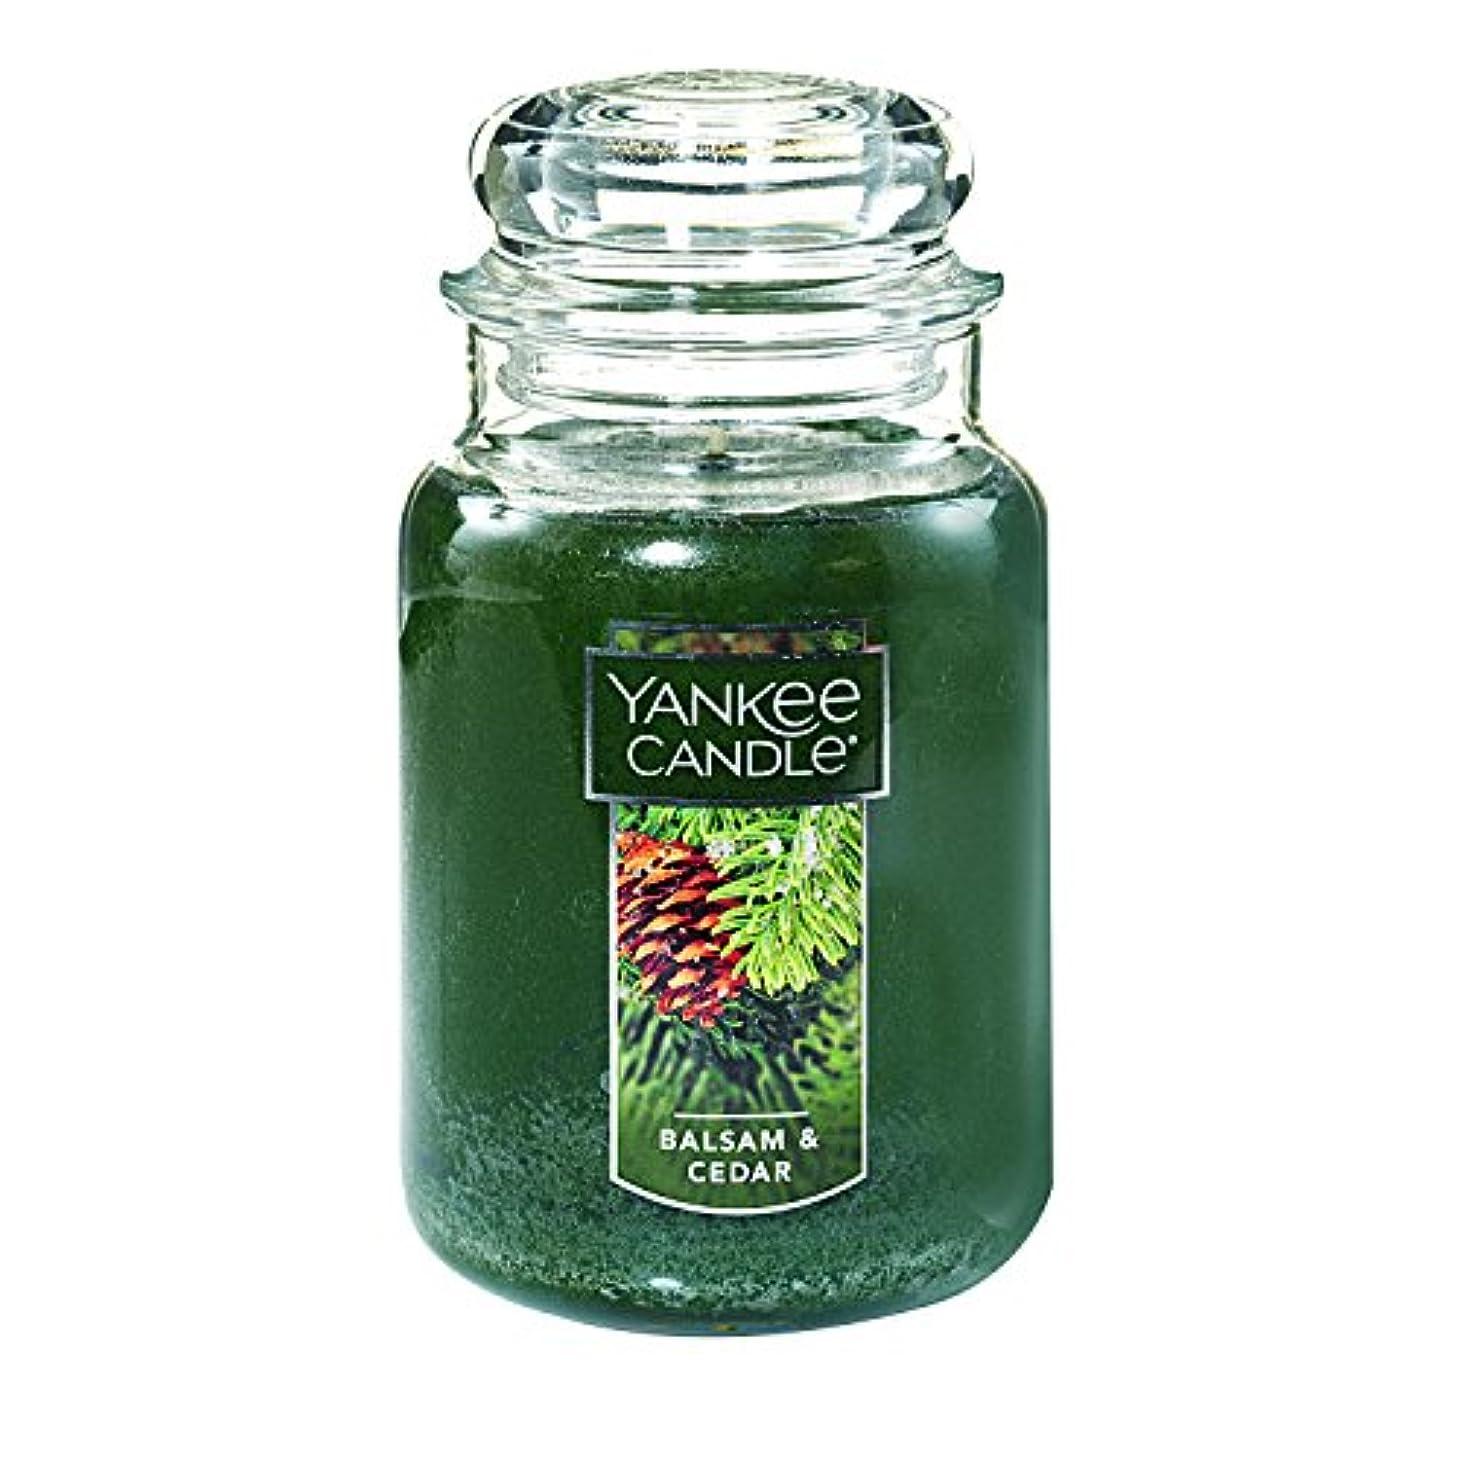 胚モールス信号宅配便(ヤンキーキャンドル) Yankee Candle ラージ 22オンス ジャーキャンドル バルサム&シダー Large Jar Candle グリーン 1062314